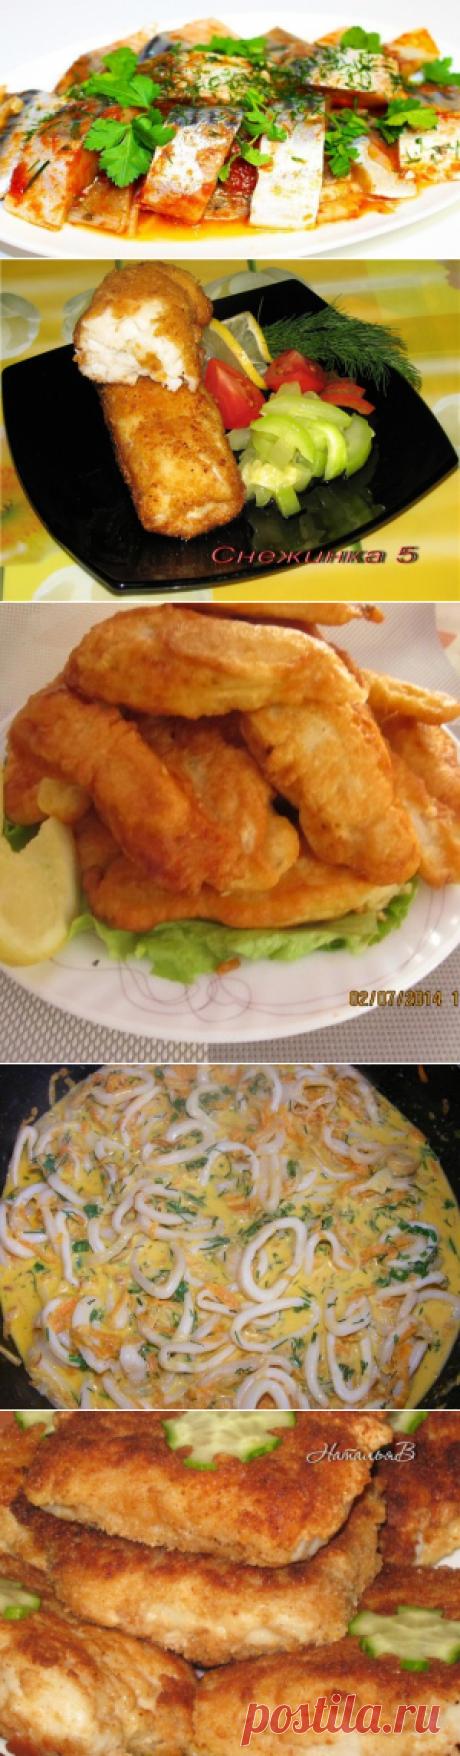 КУХНЯ: РЫБА, МОРЕПРОДУКТЫ | Алла Белая | Рецепты простой и вкусной еды на Постиле